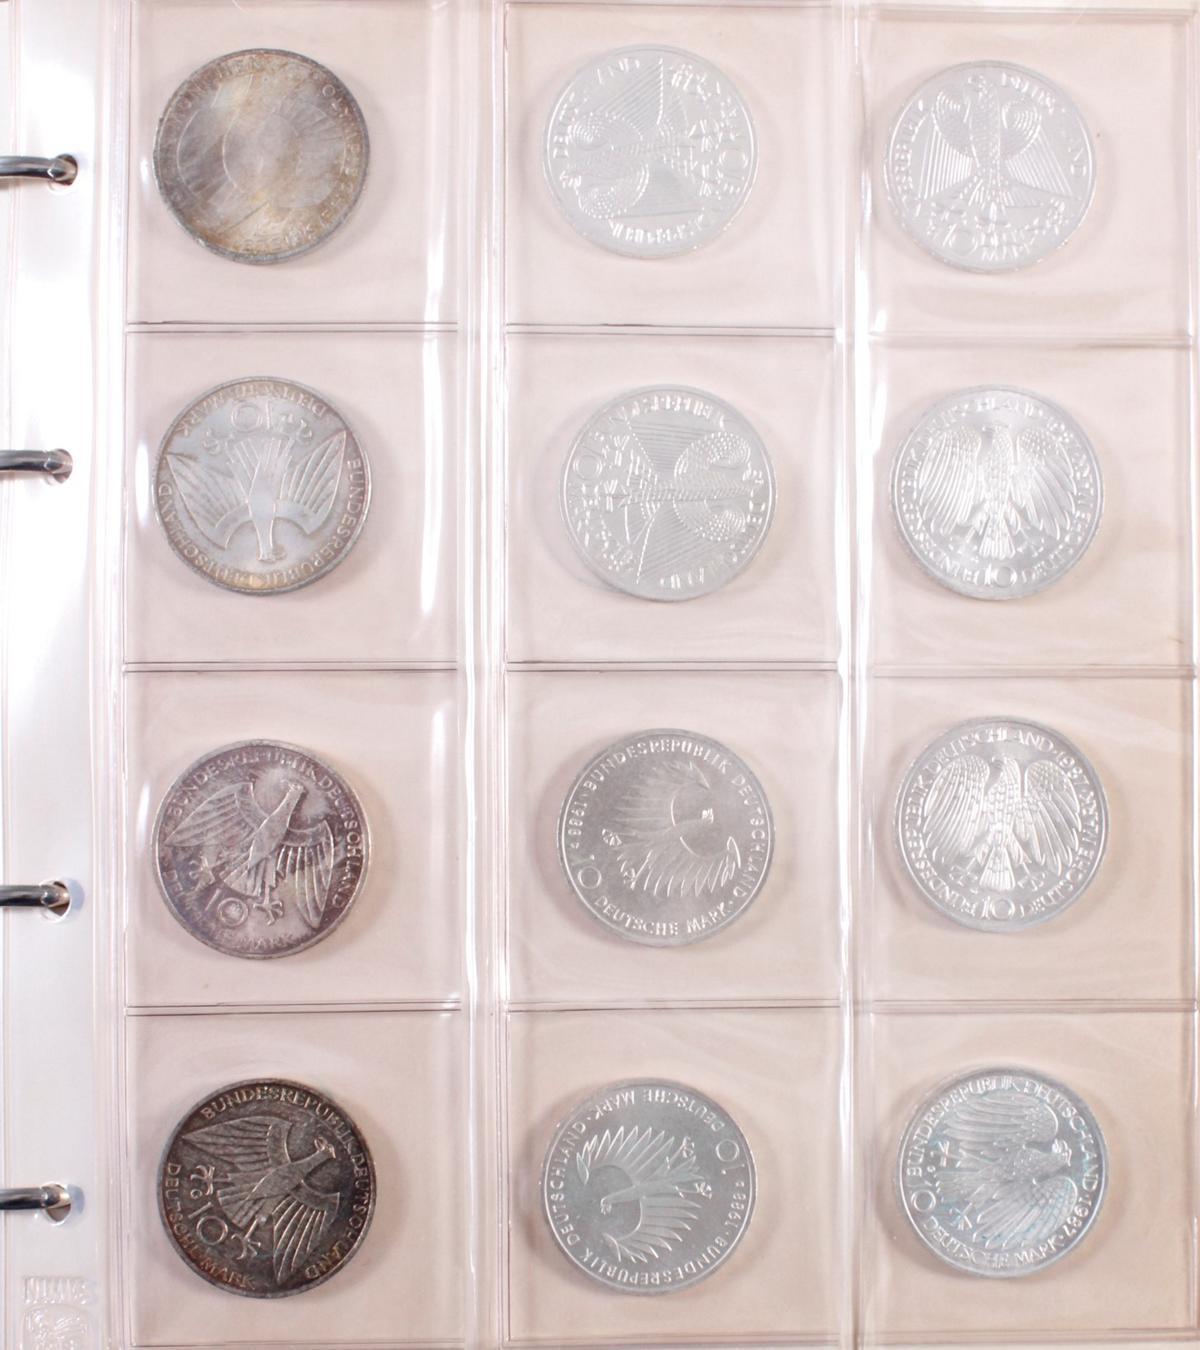 Münzsammlung BRD und alle Welt mit einer Goldmünze-2